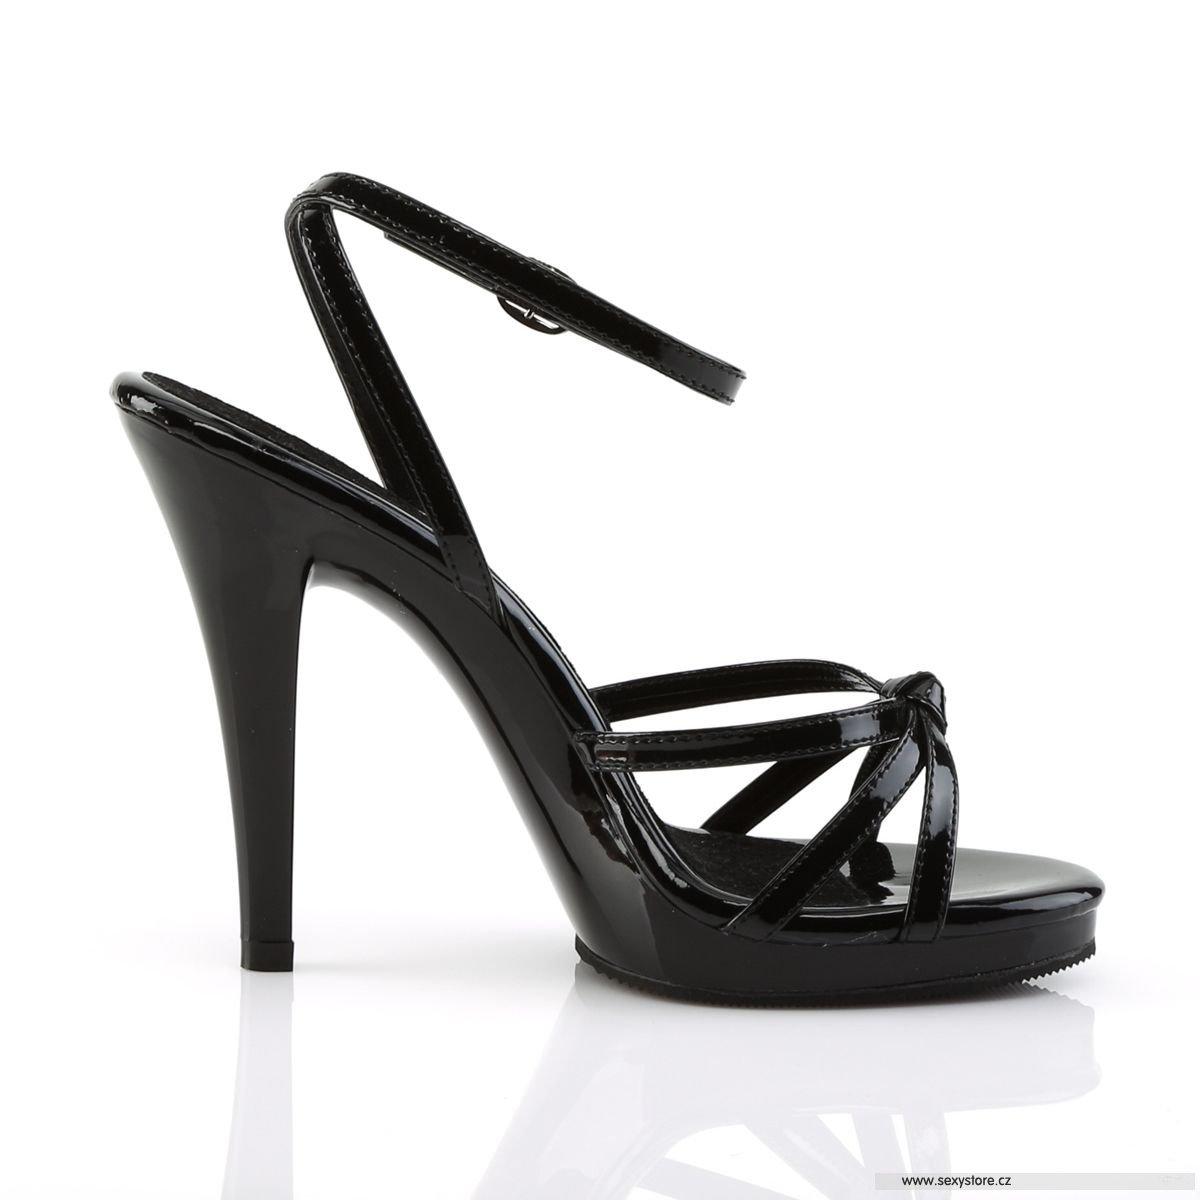 c2937fe0fa5 černé sandály FLAIR-436 B M